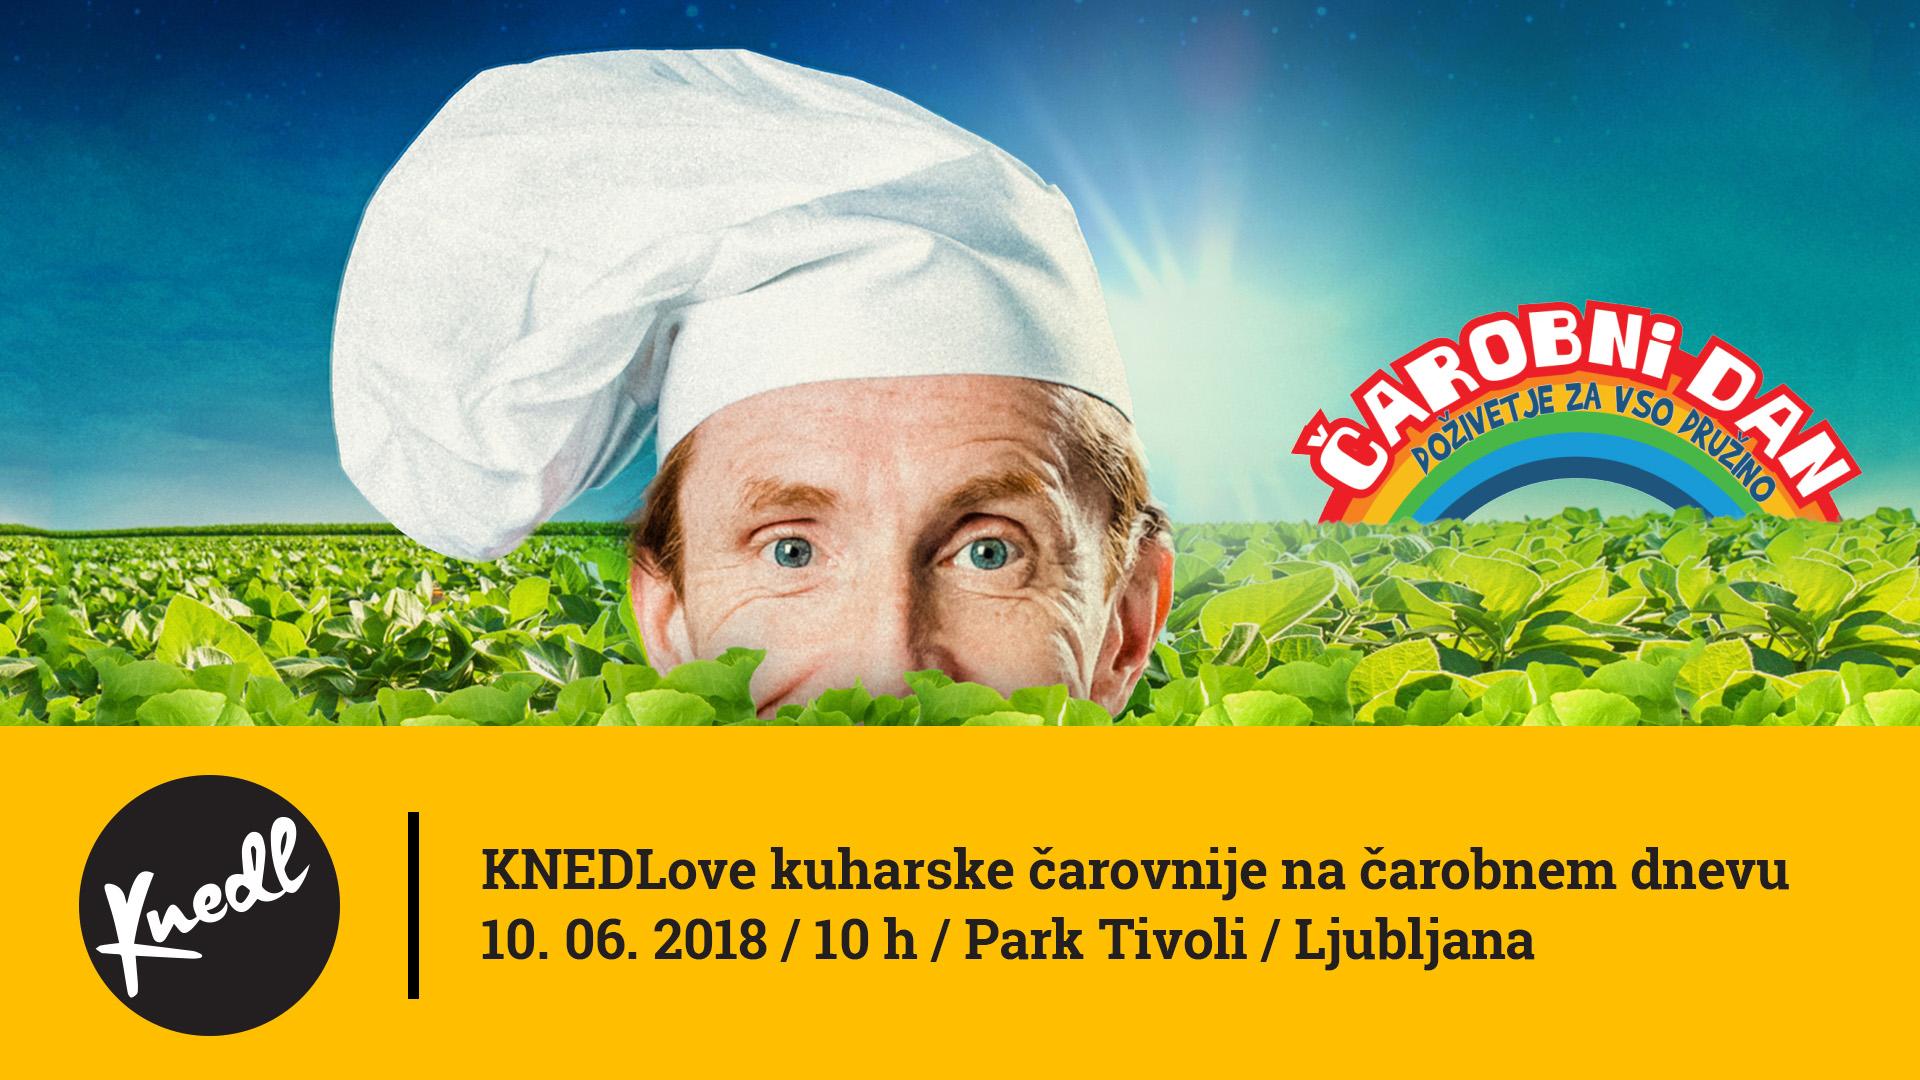 2018_10_06_KNEDLove_kuharske_carovnije_Čarobni_teden.jpg